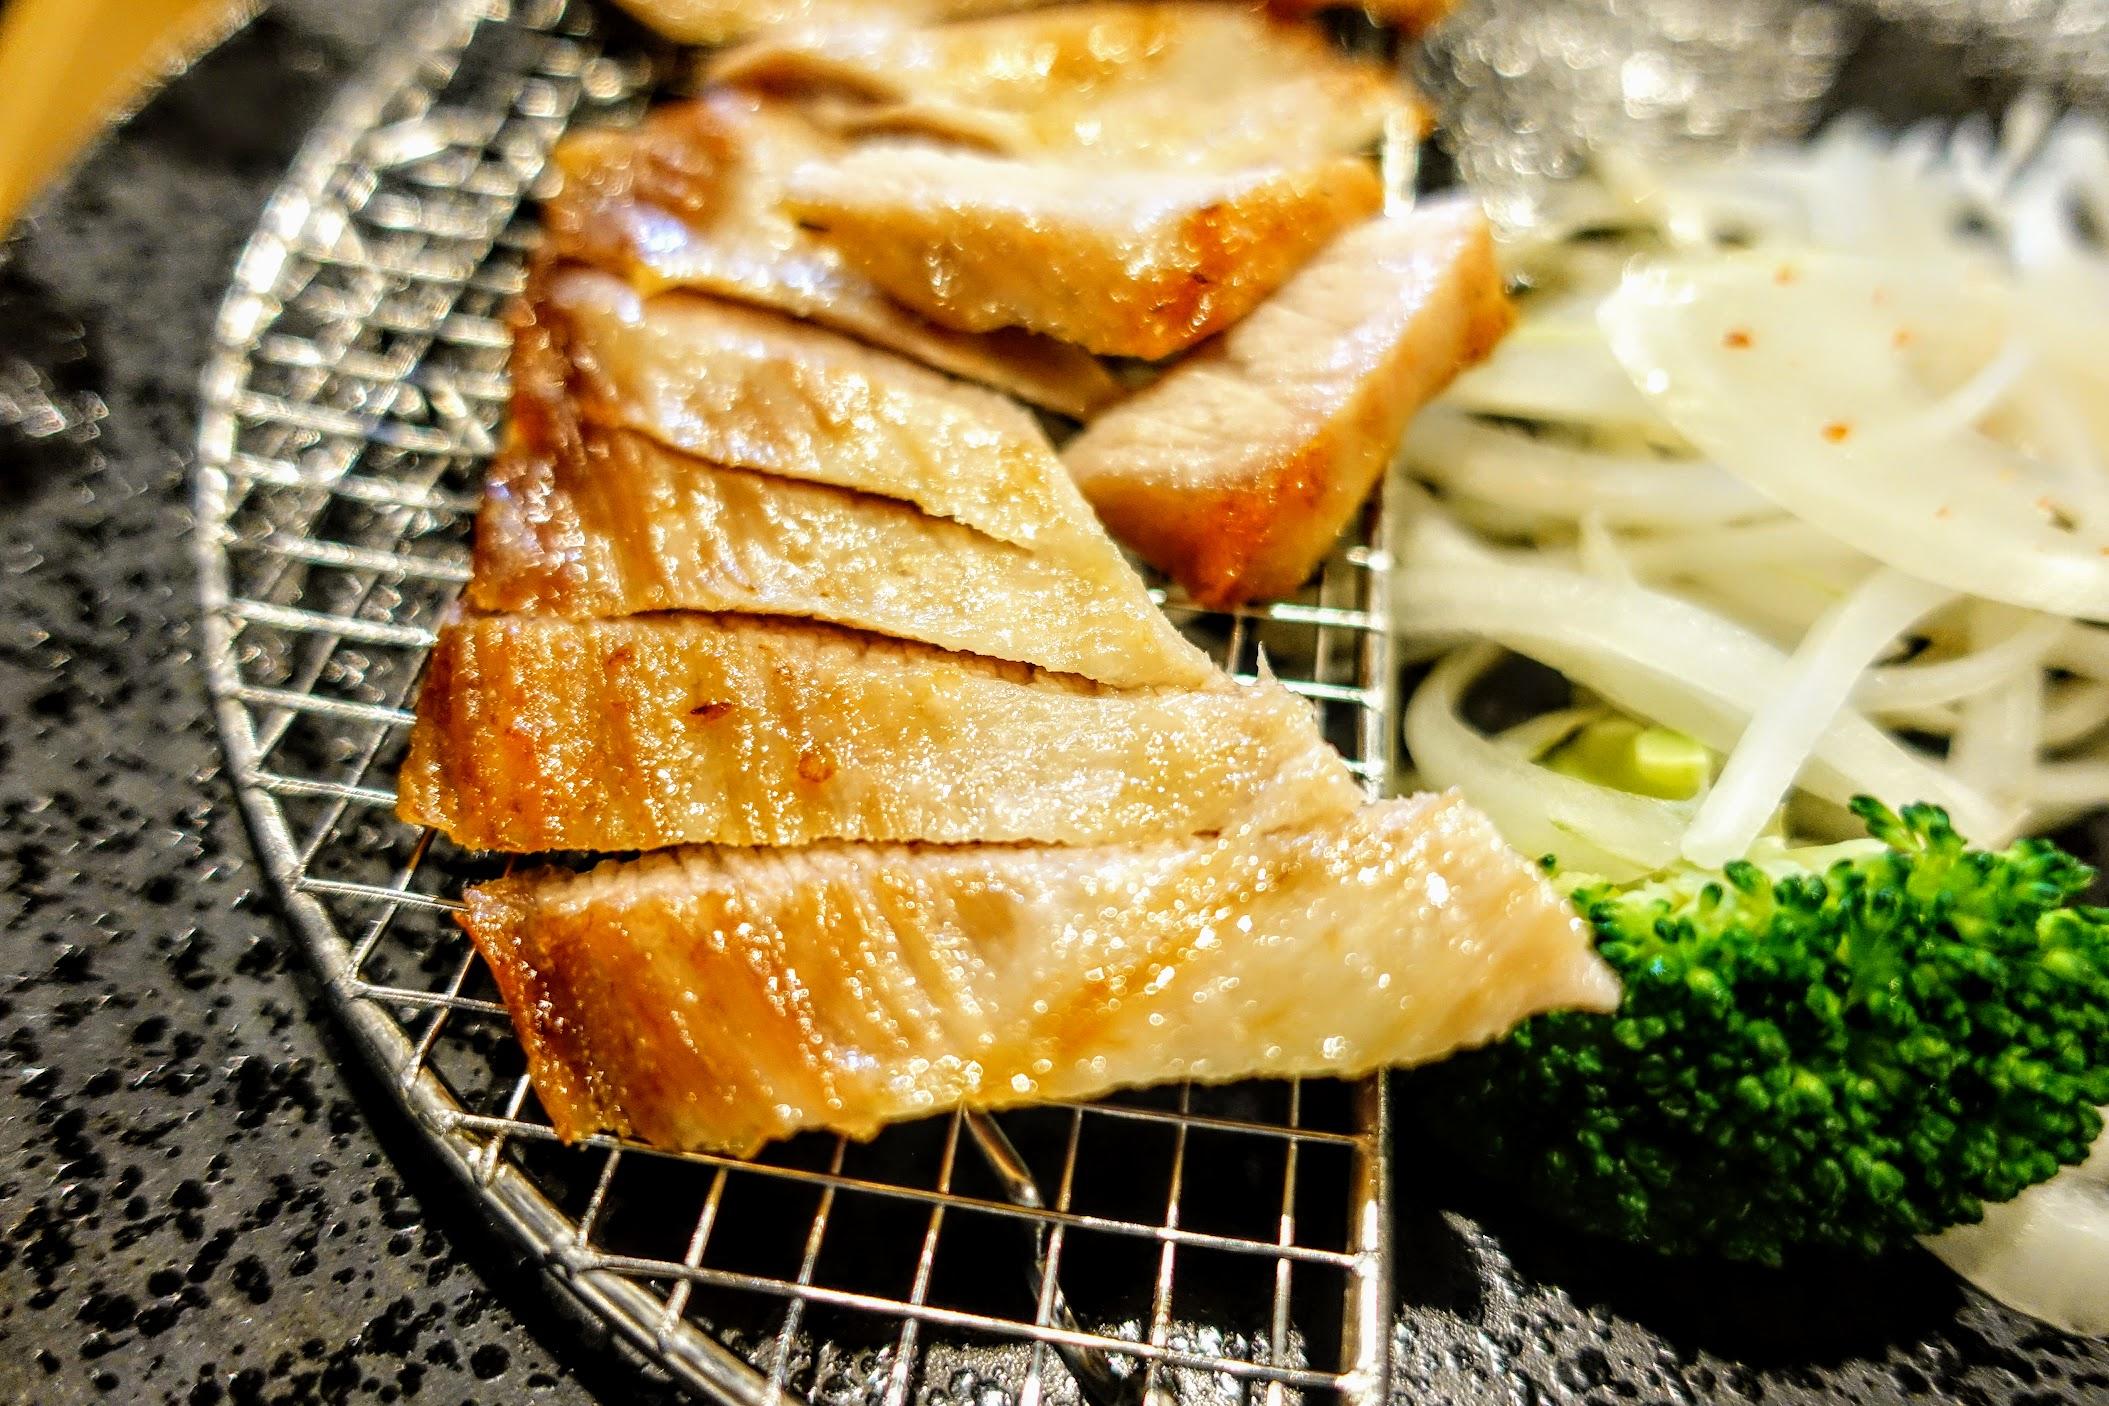 肉片似乎有醃製過再烤,不沾椒鹽就頗好吃的! 肉不柴帶著一點油脂,很Q